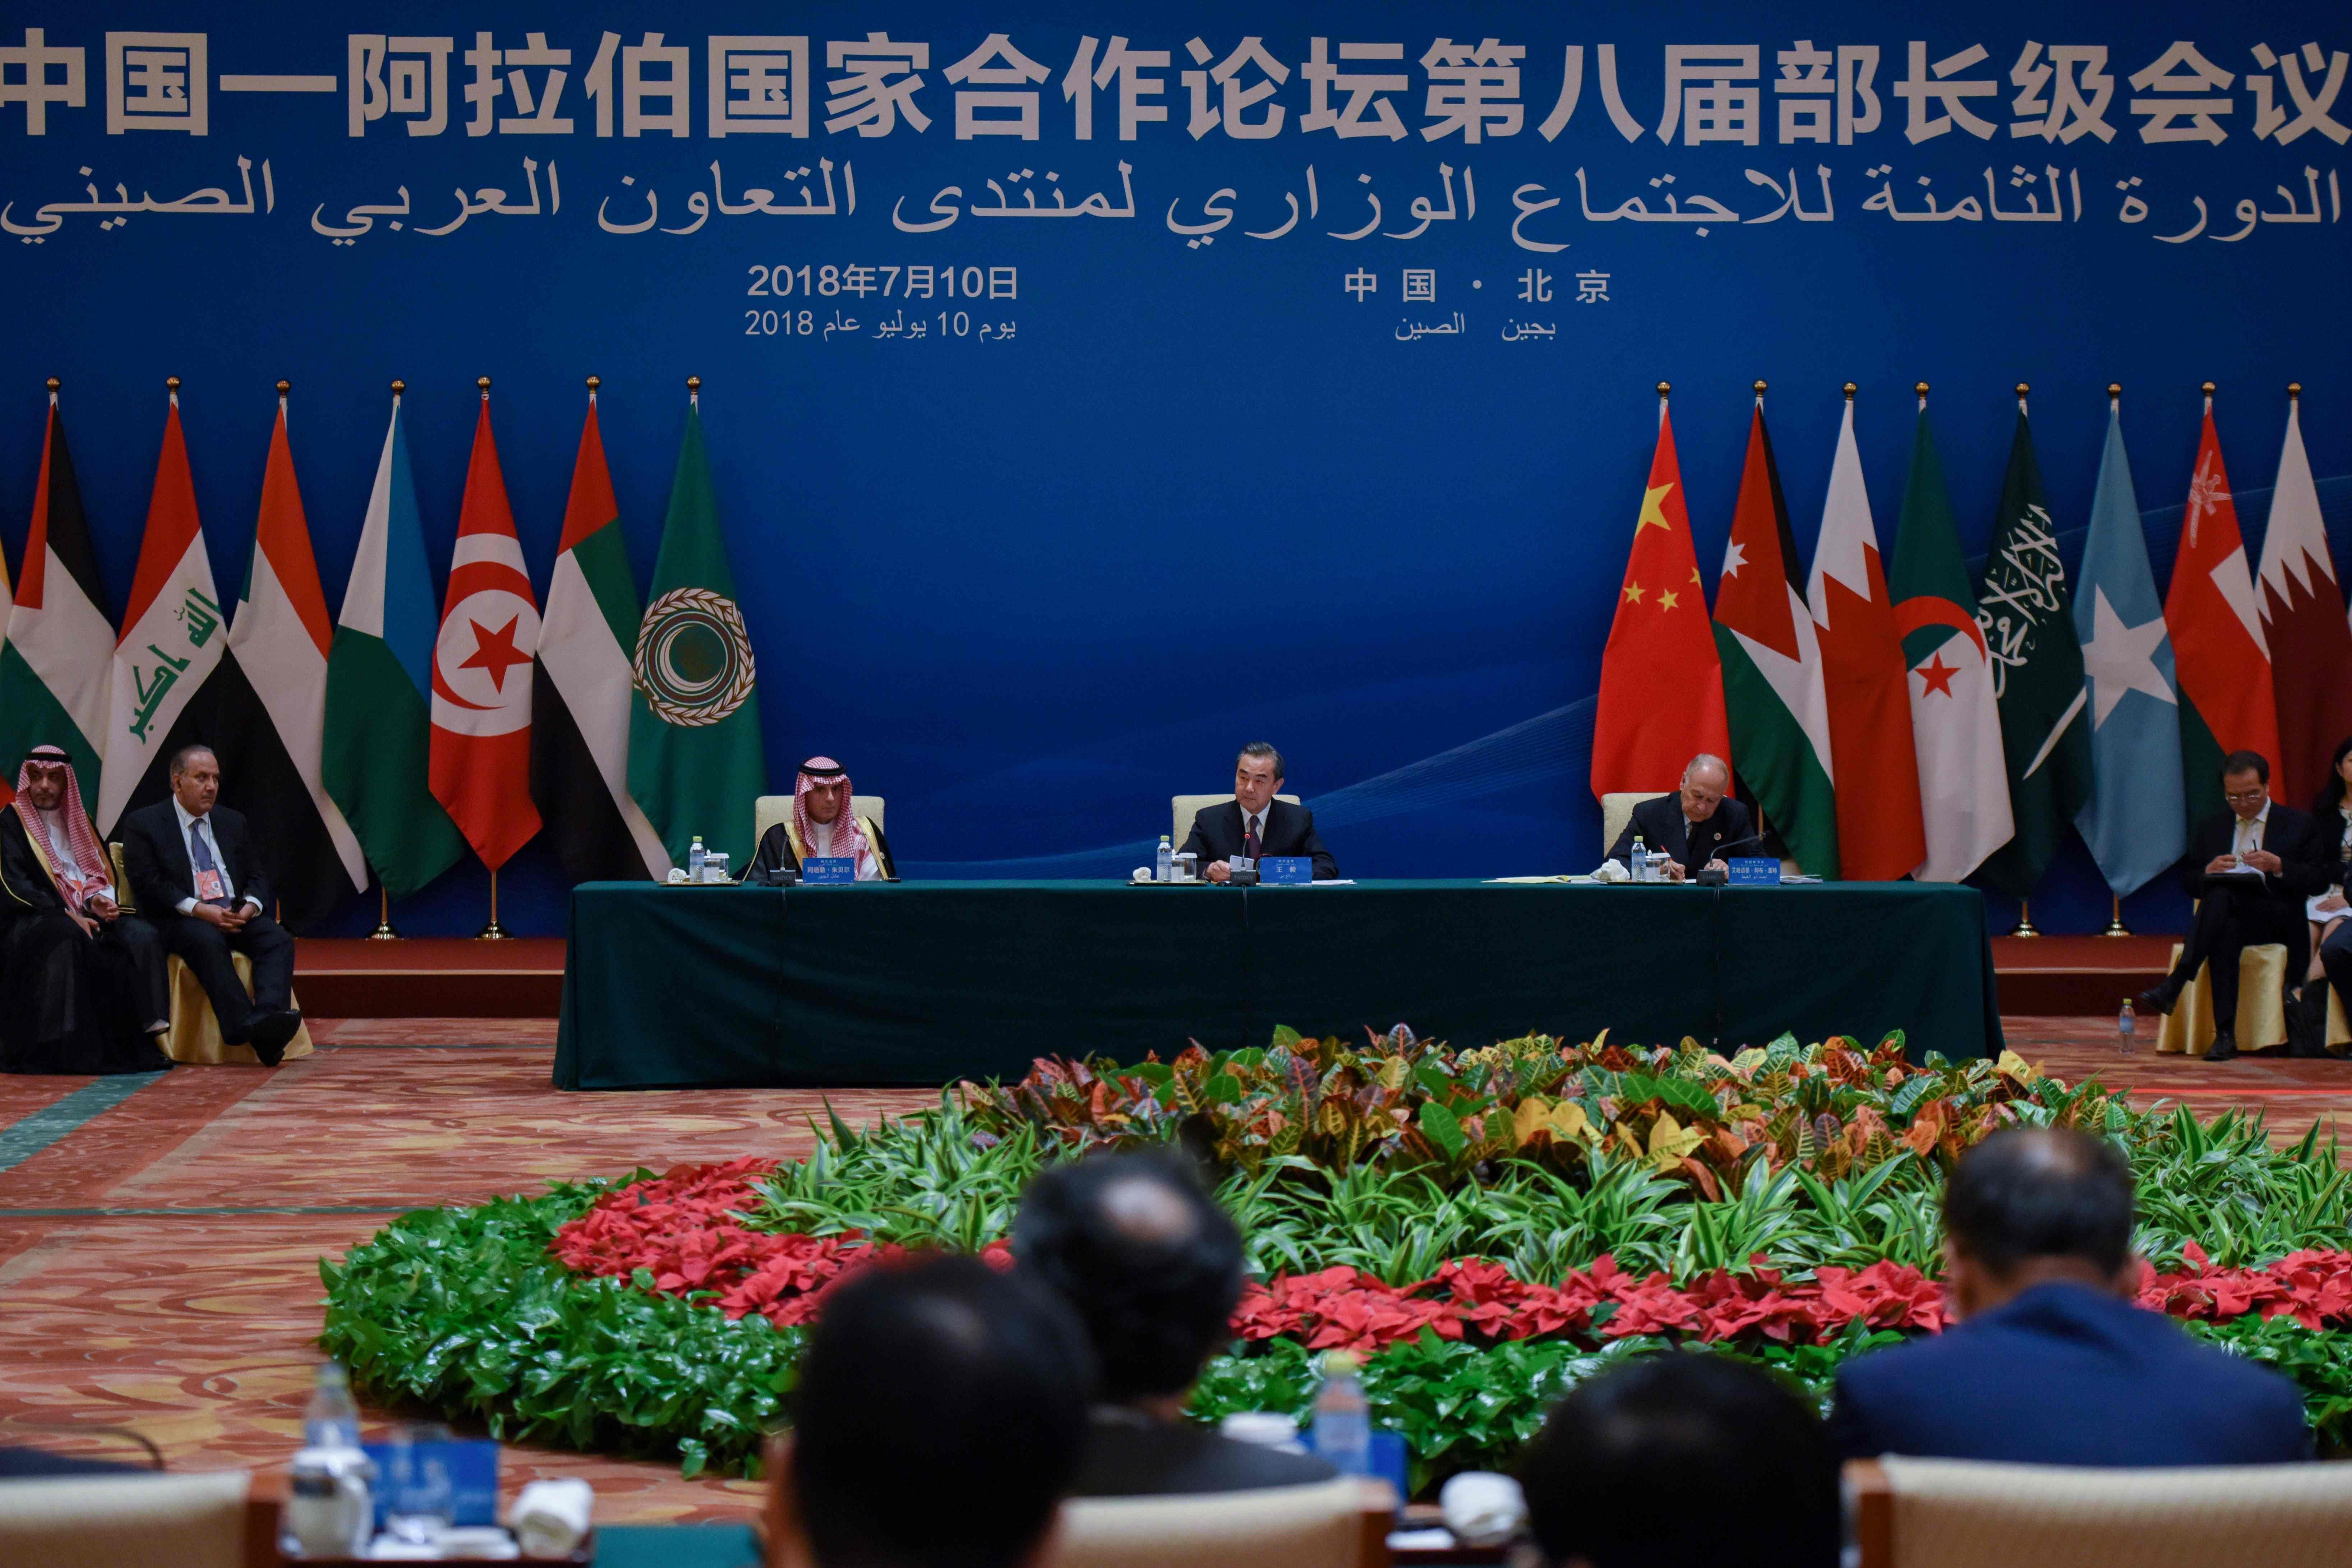 فعاليات الدورة الثامنة للاجتماع الوزارى للمنتدى الصينى العربى